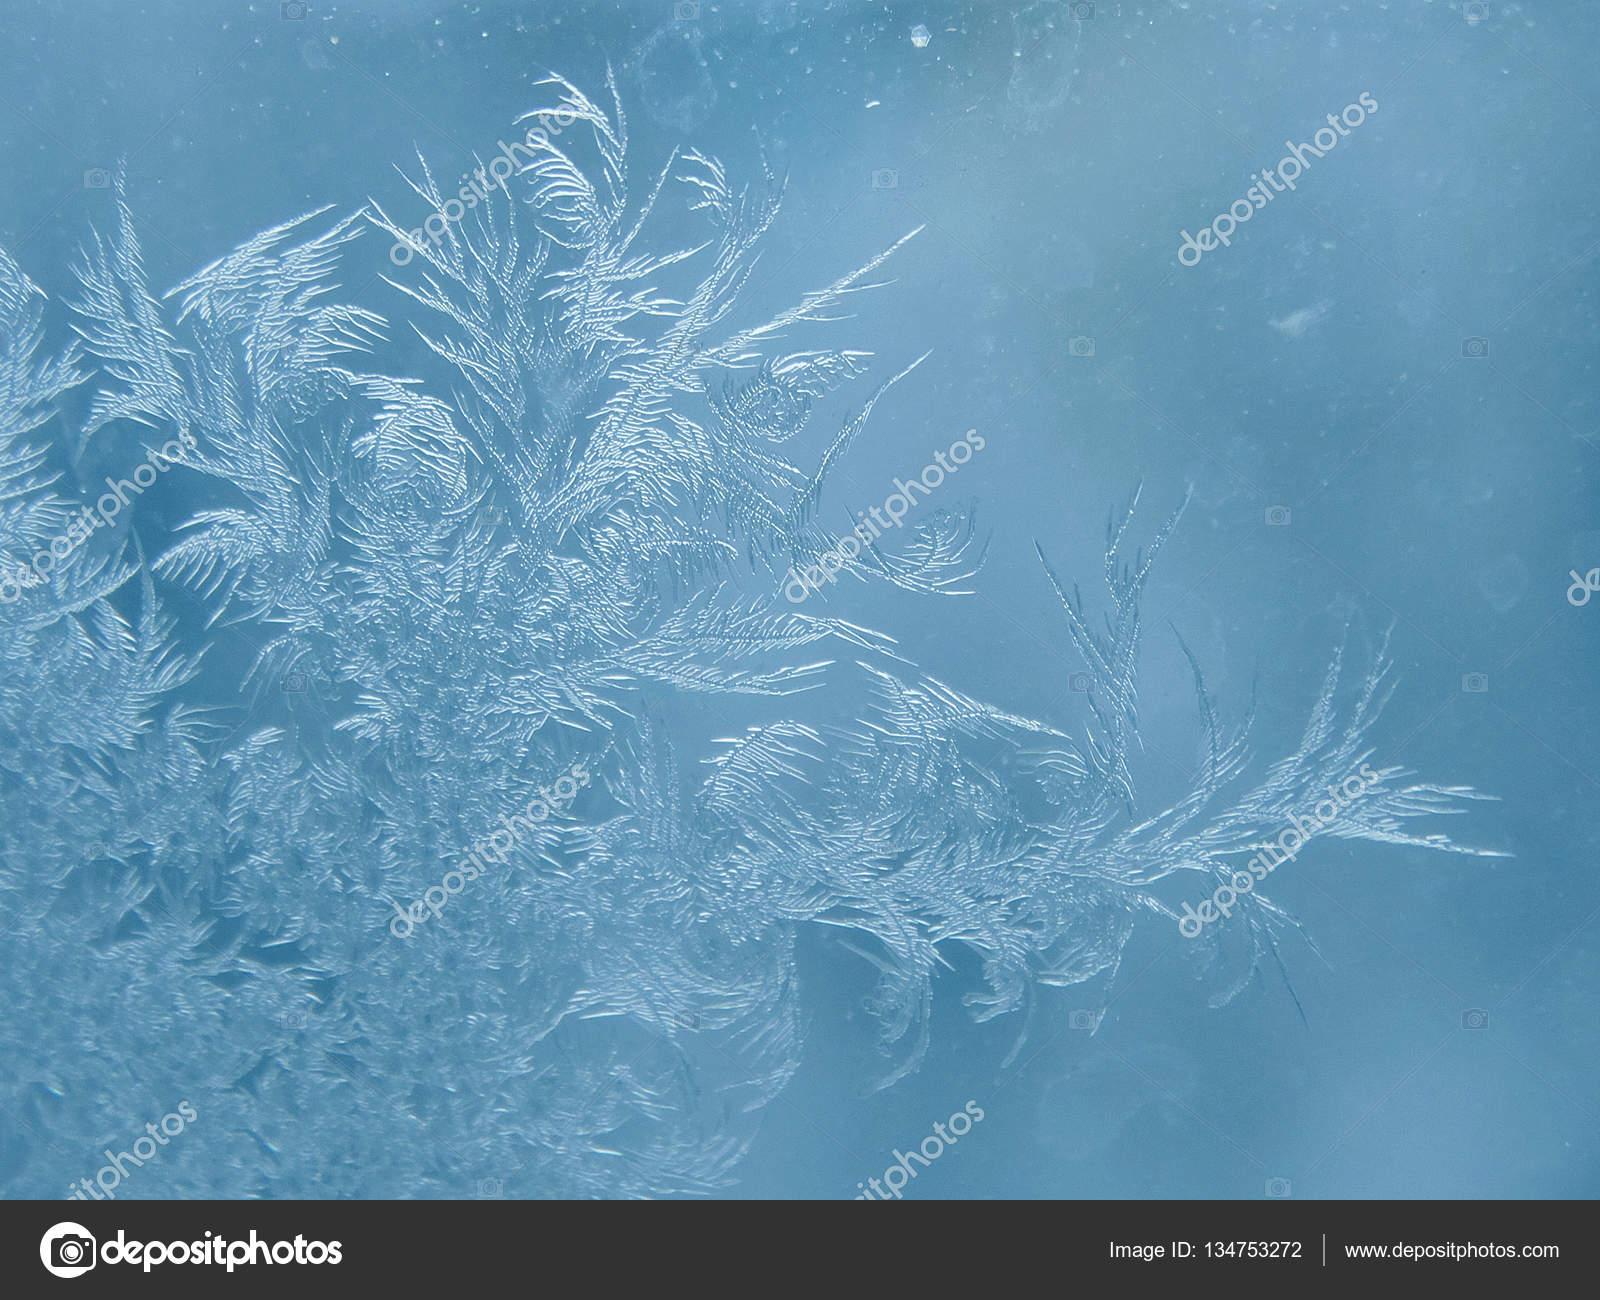 Disegni su vetro foto stock cerberus152 134753272 for Disegni su vetro